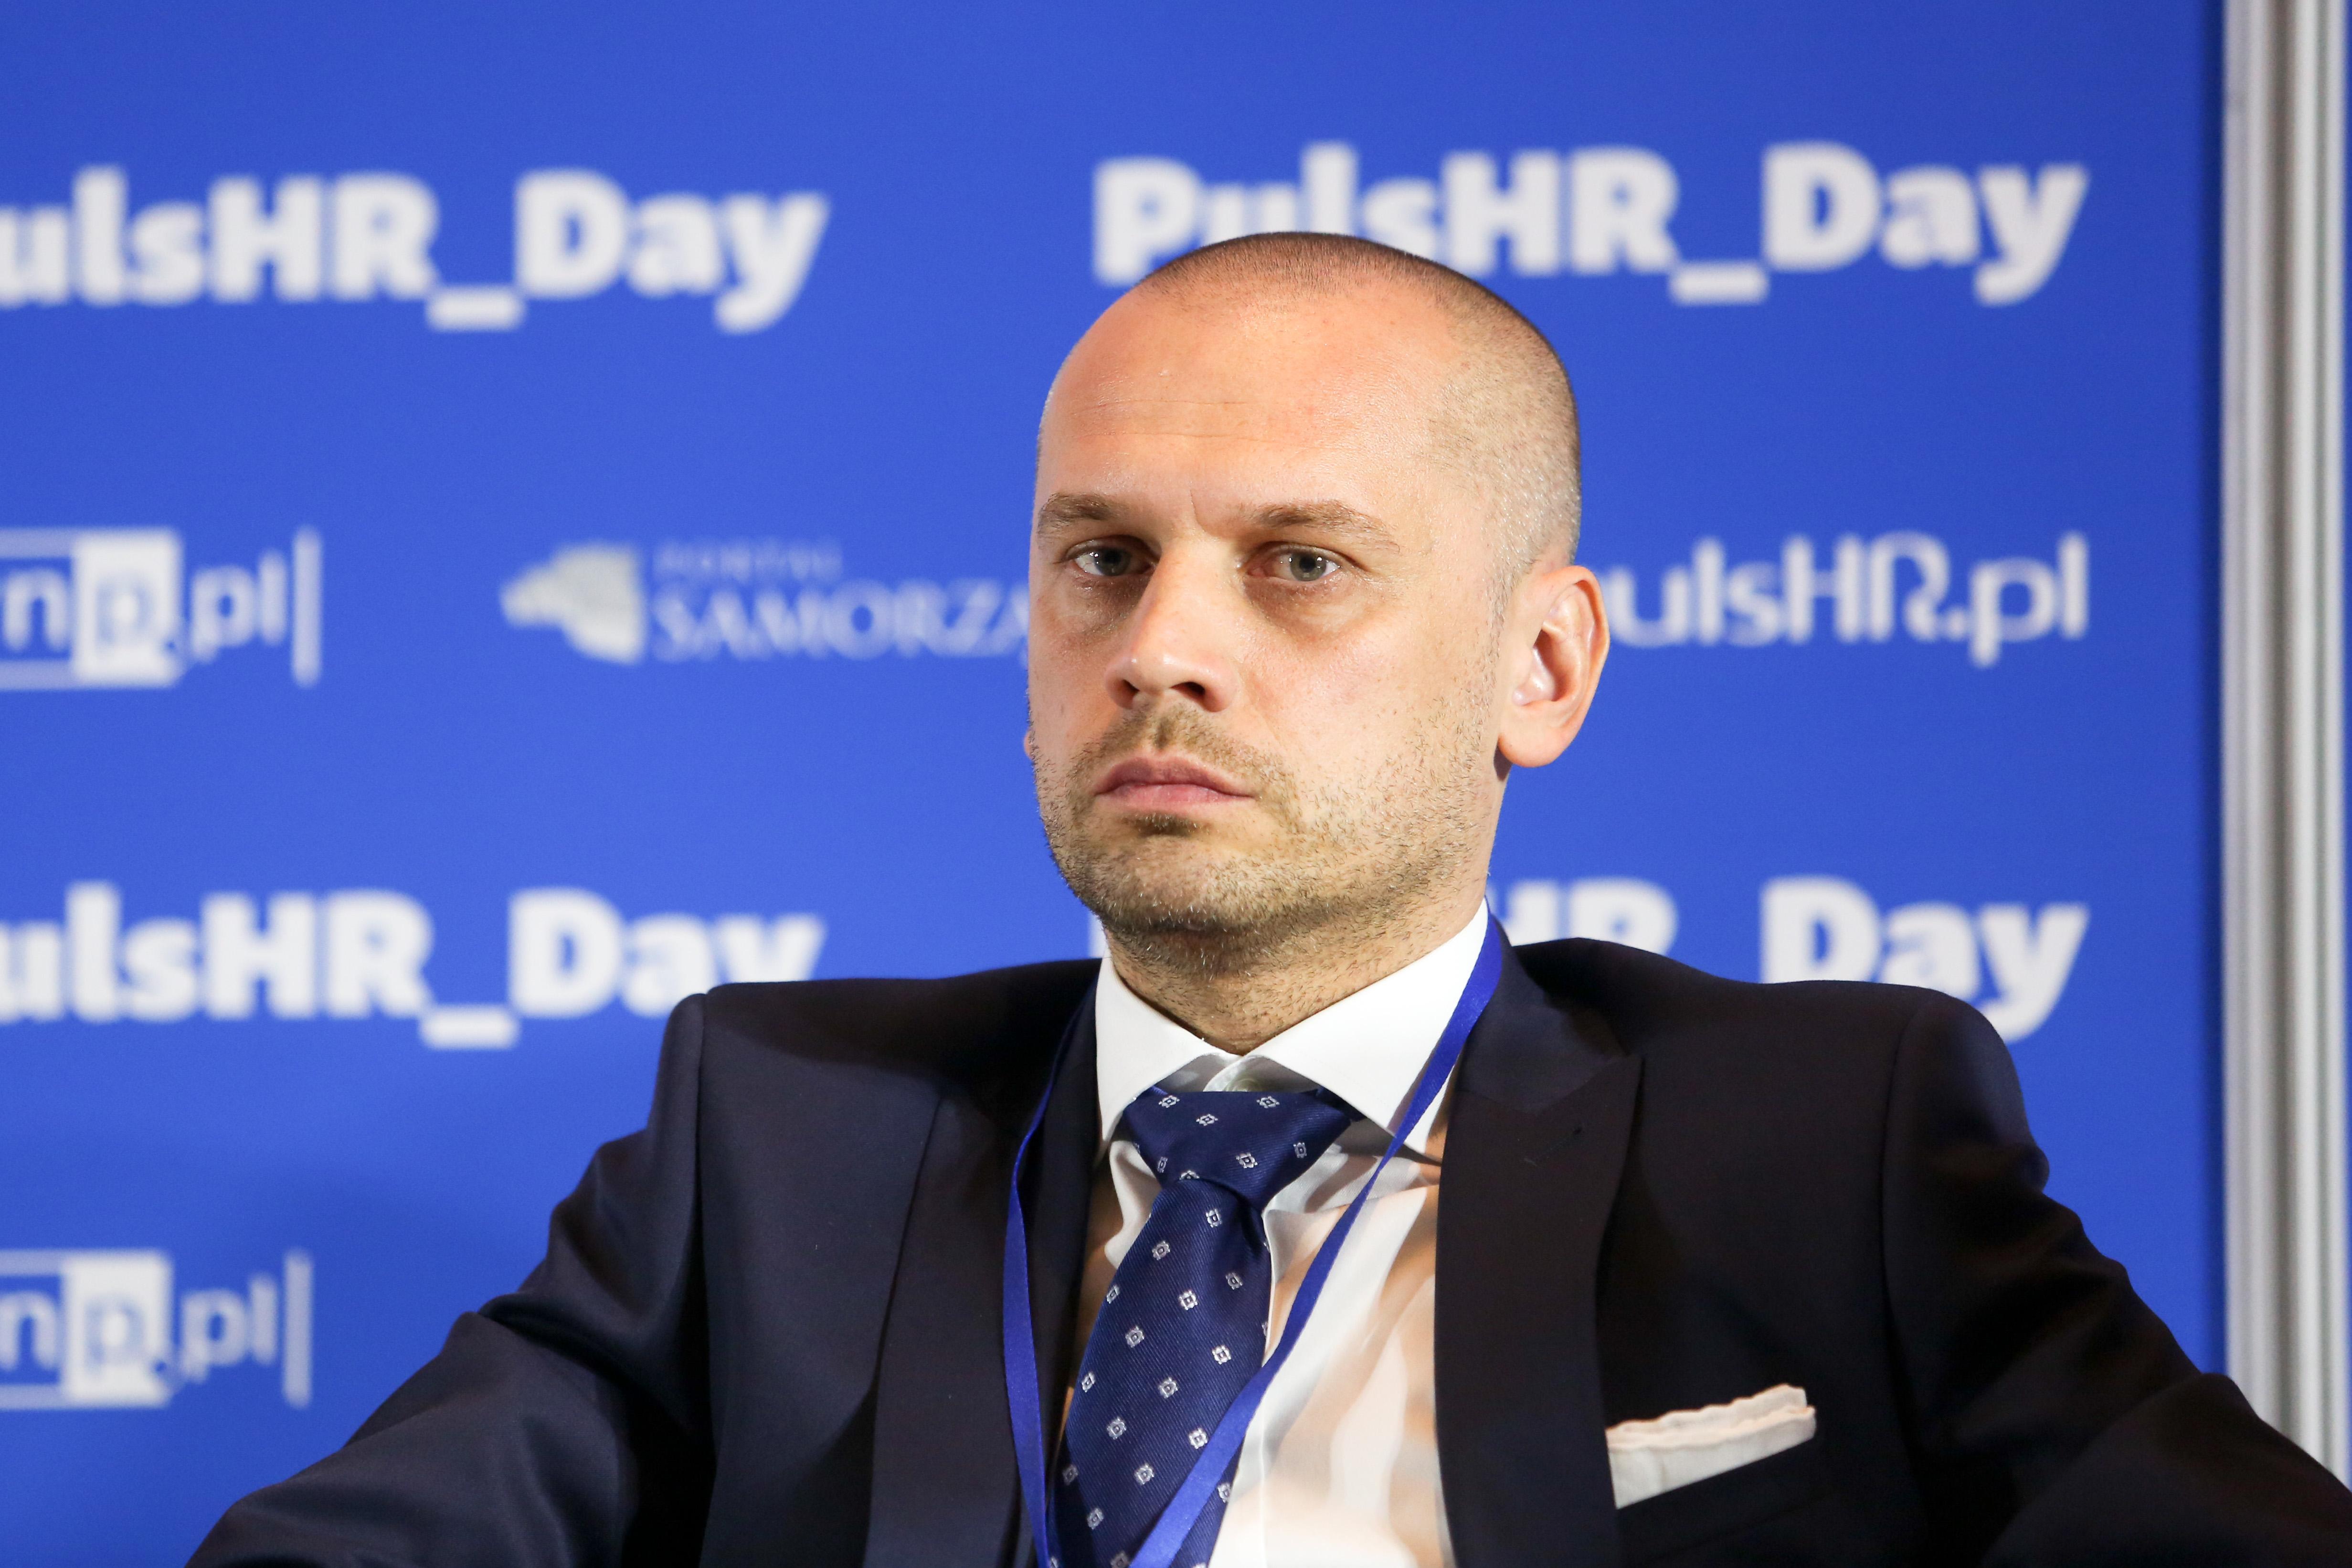 Michał Zwyrtek, dyrektor w katowickim oddziale, PwC. (Fot. PTWP)